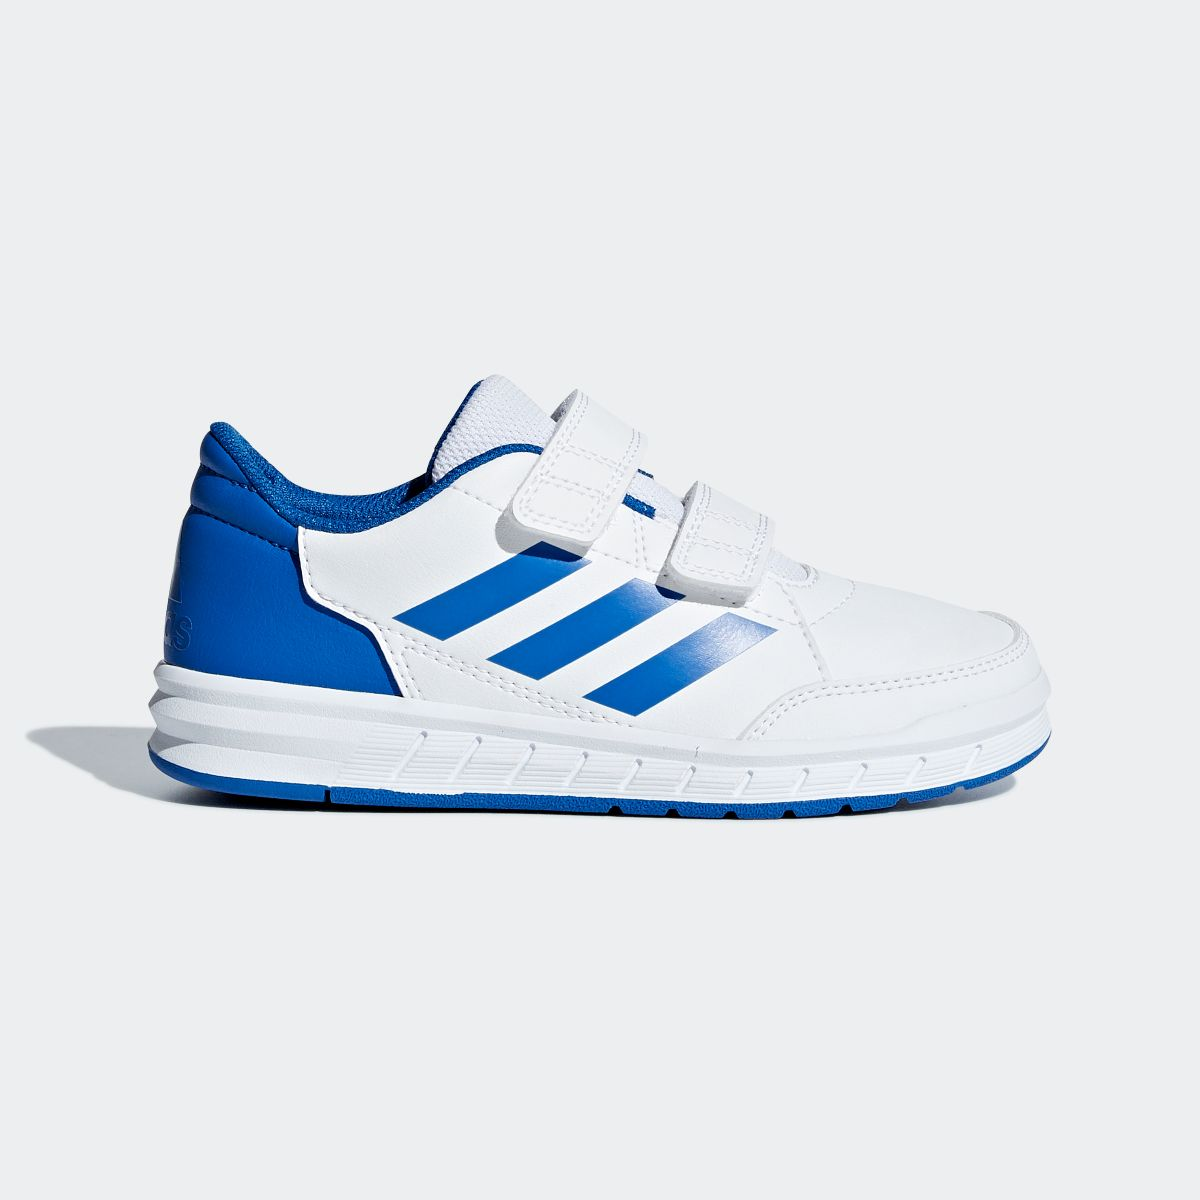 adidas scarpe altasport